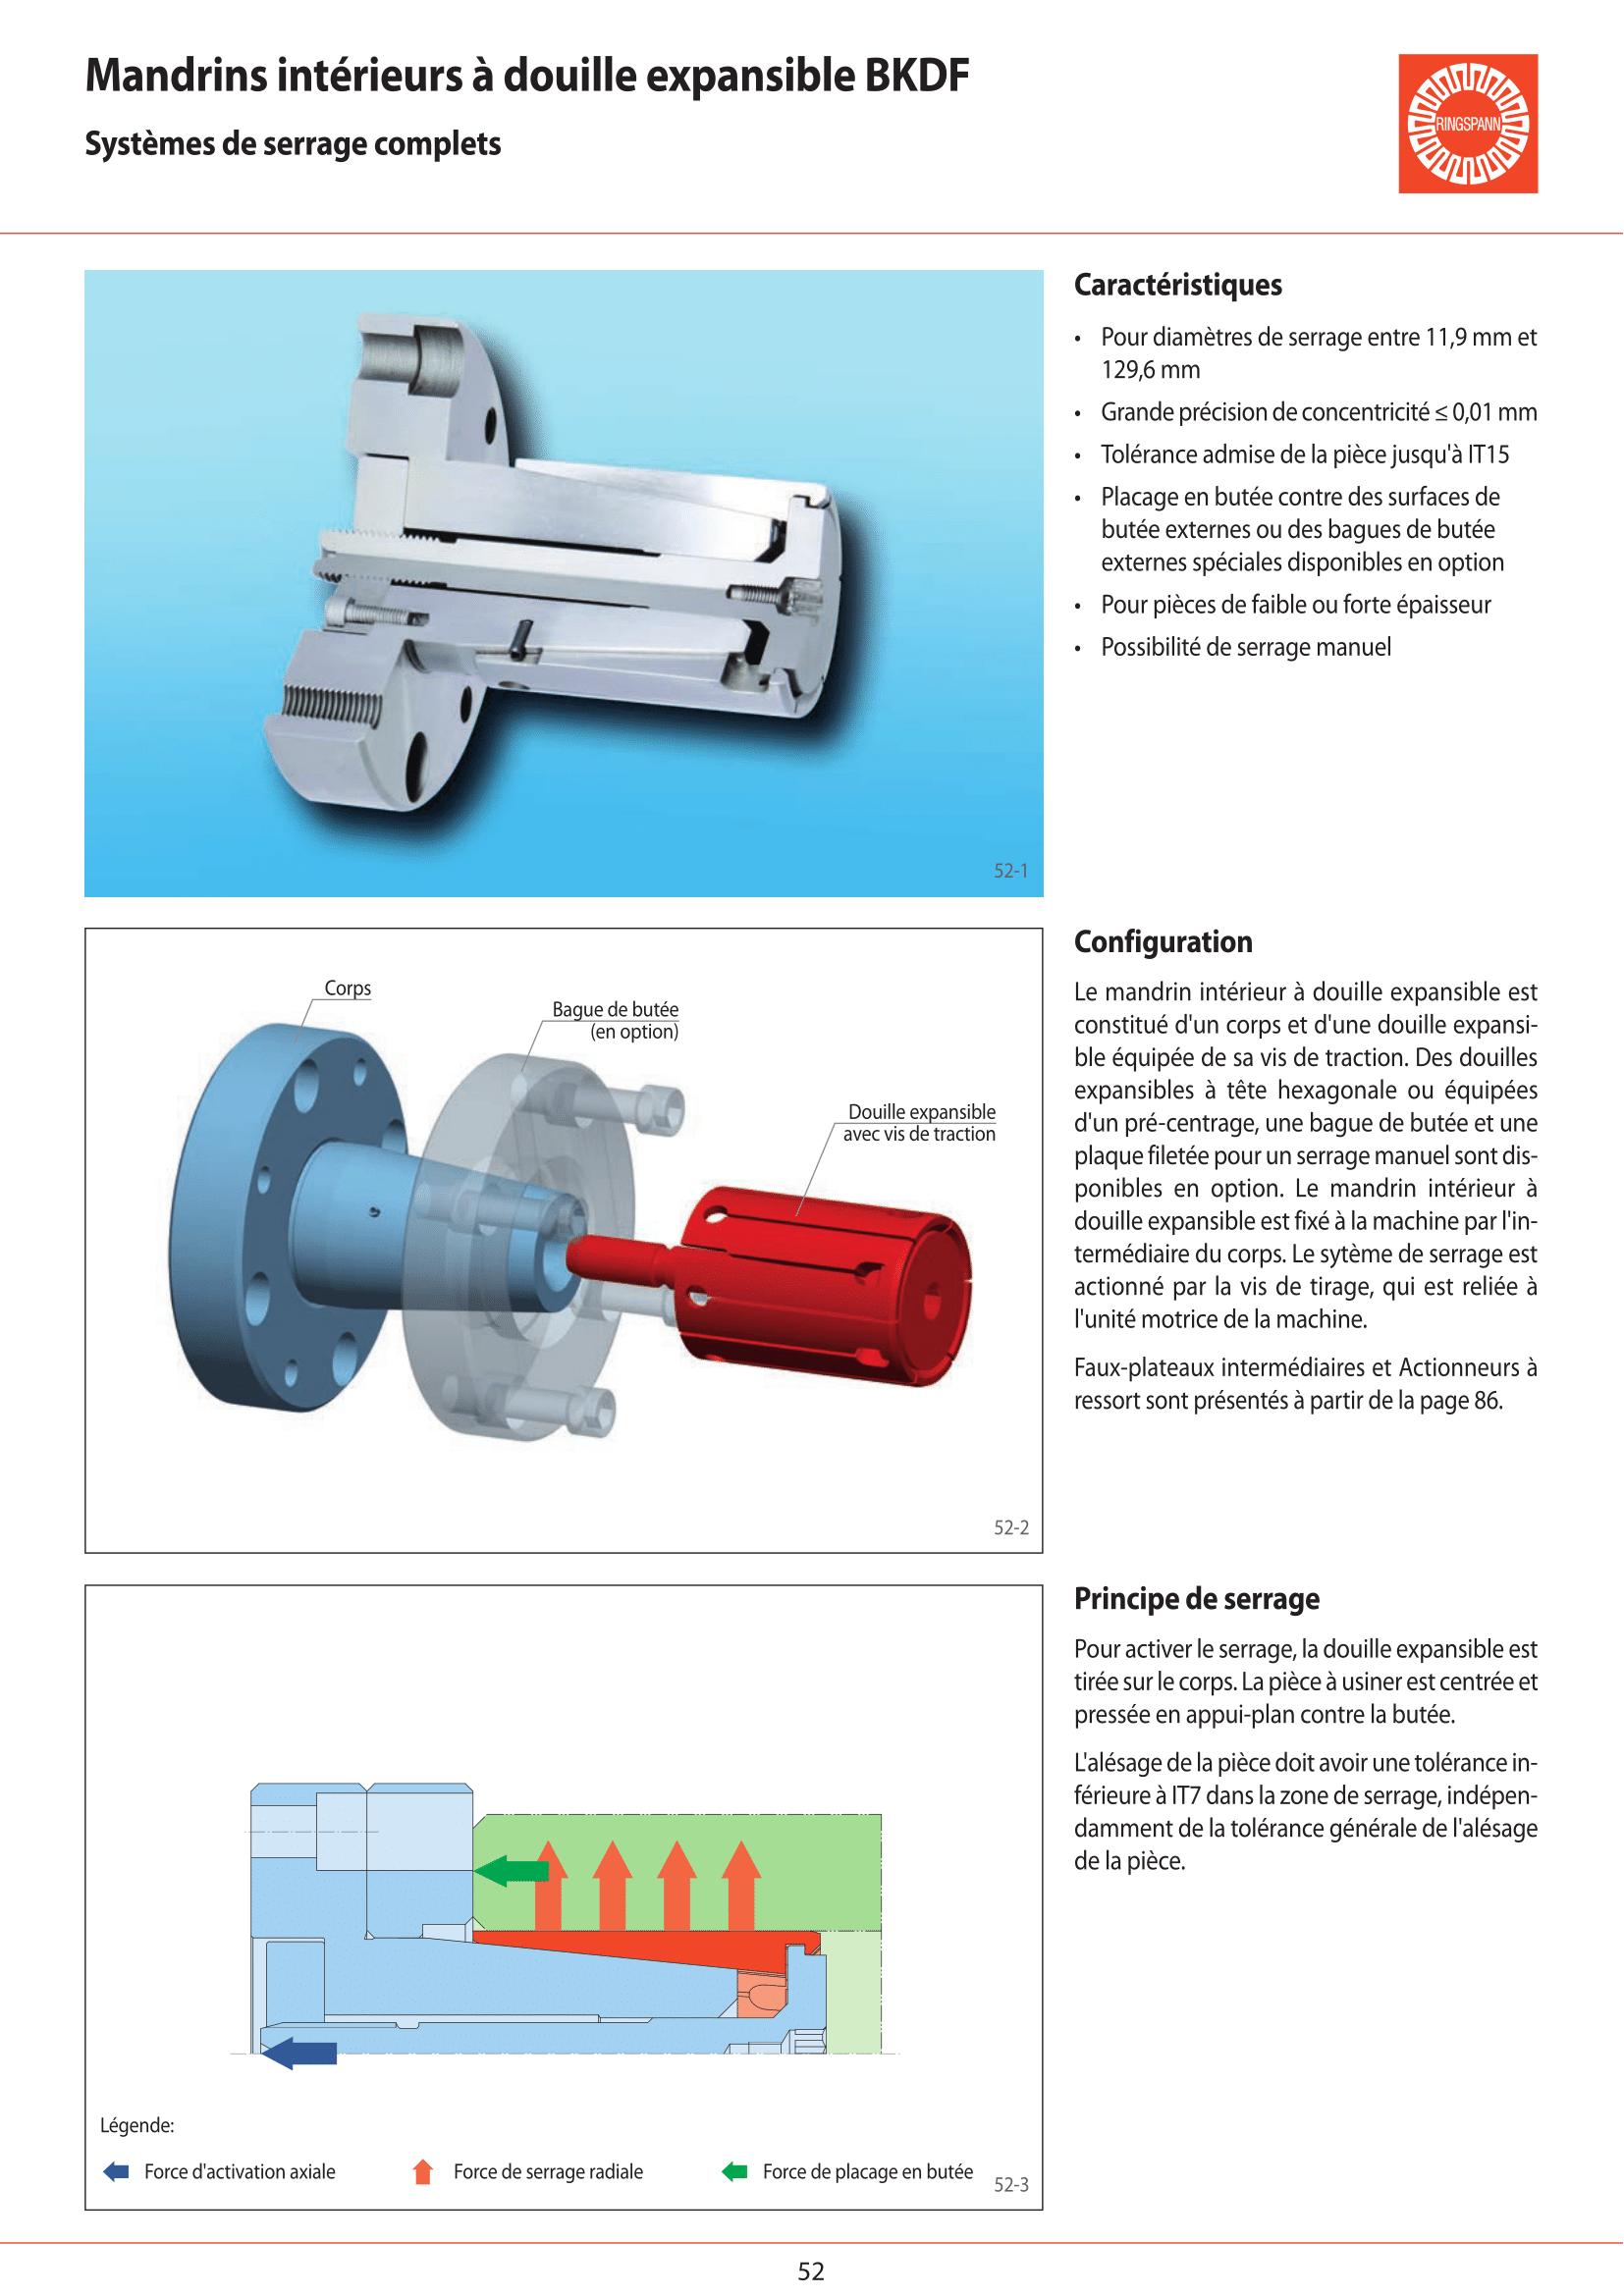 Fiche technique - BKDF 19 page 1